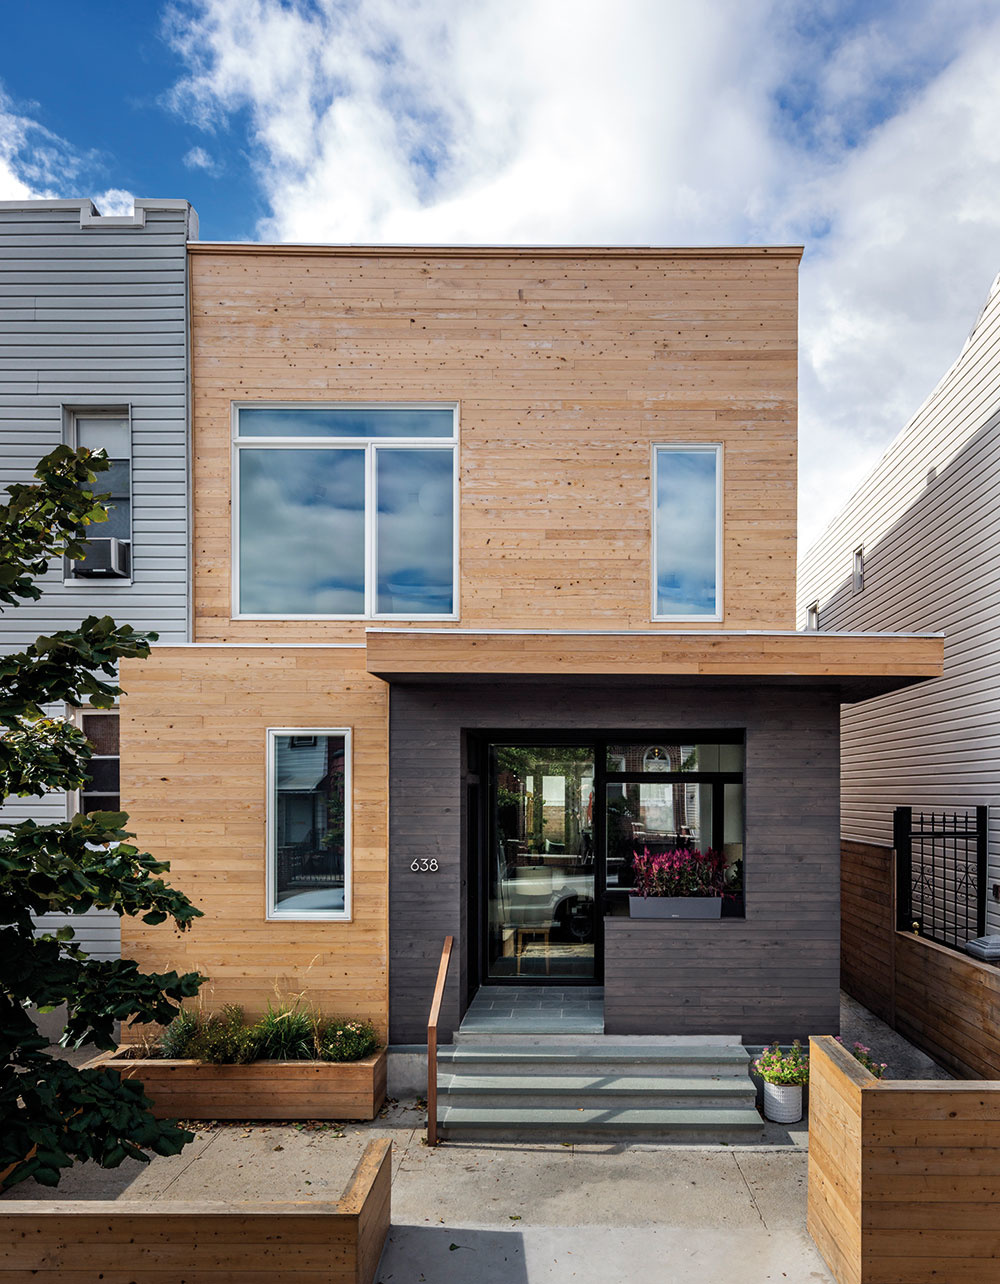 Rôzne odtiene dreveného obkladu opticky členia fasádu adodávajú jednoduchej stavbe na hravosti azaujímavosti. Farebné odlíšenie zároveň naznačuje inú funkciu či hmotové odľahčenie.